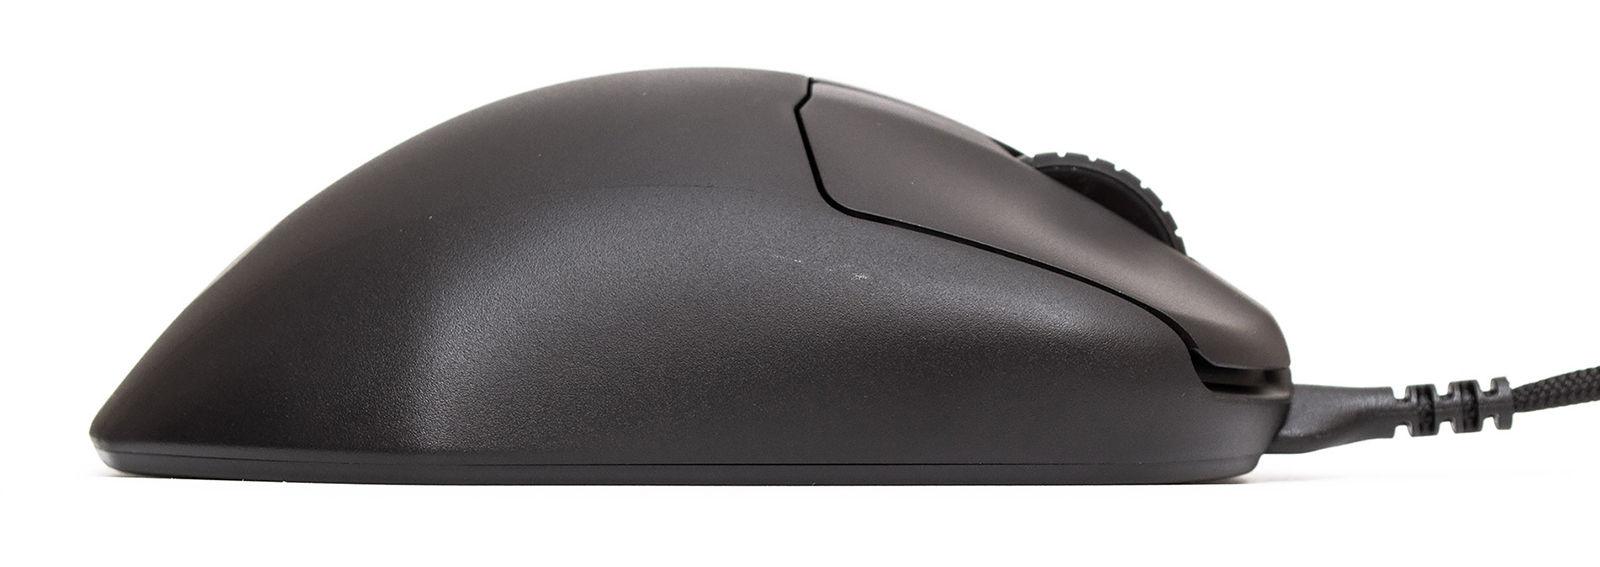 Мышь SteelSeries Prime. Фото 10